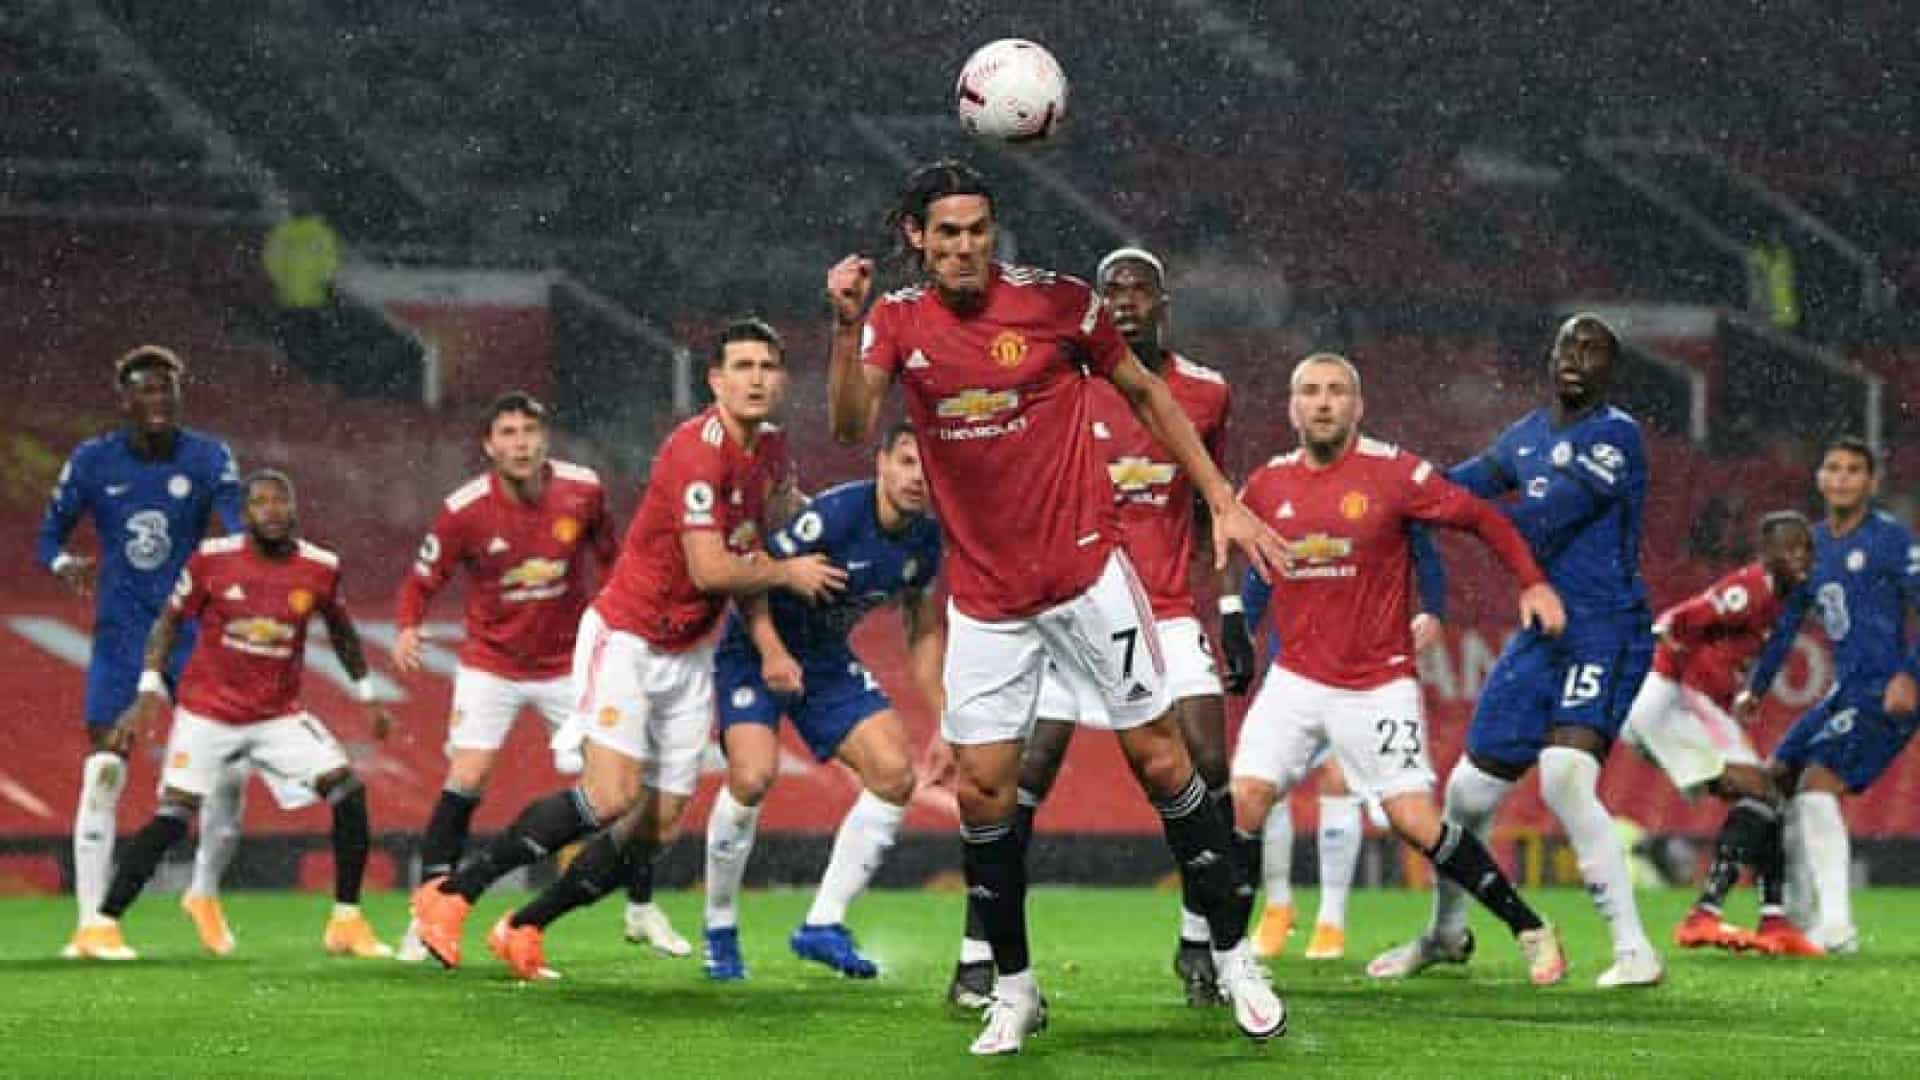 Na estreia de Cavani, Manchester United e Chelsea decepcionam e empatam sem gols